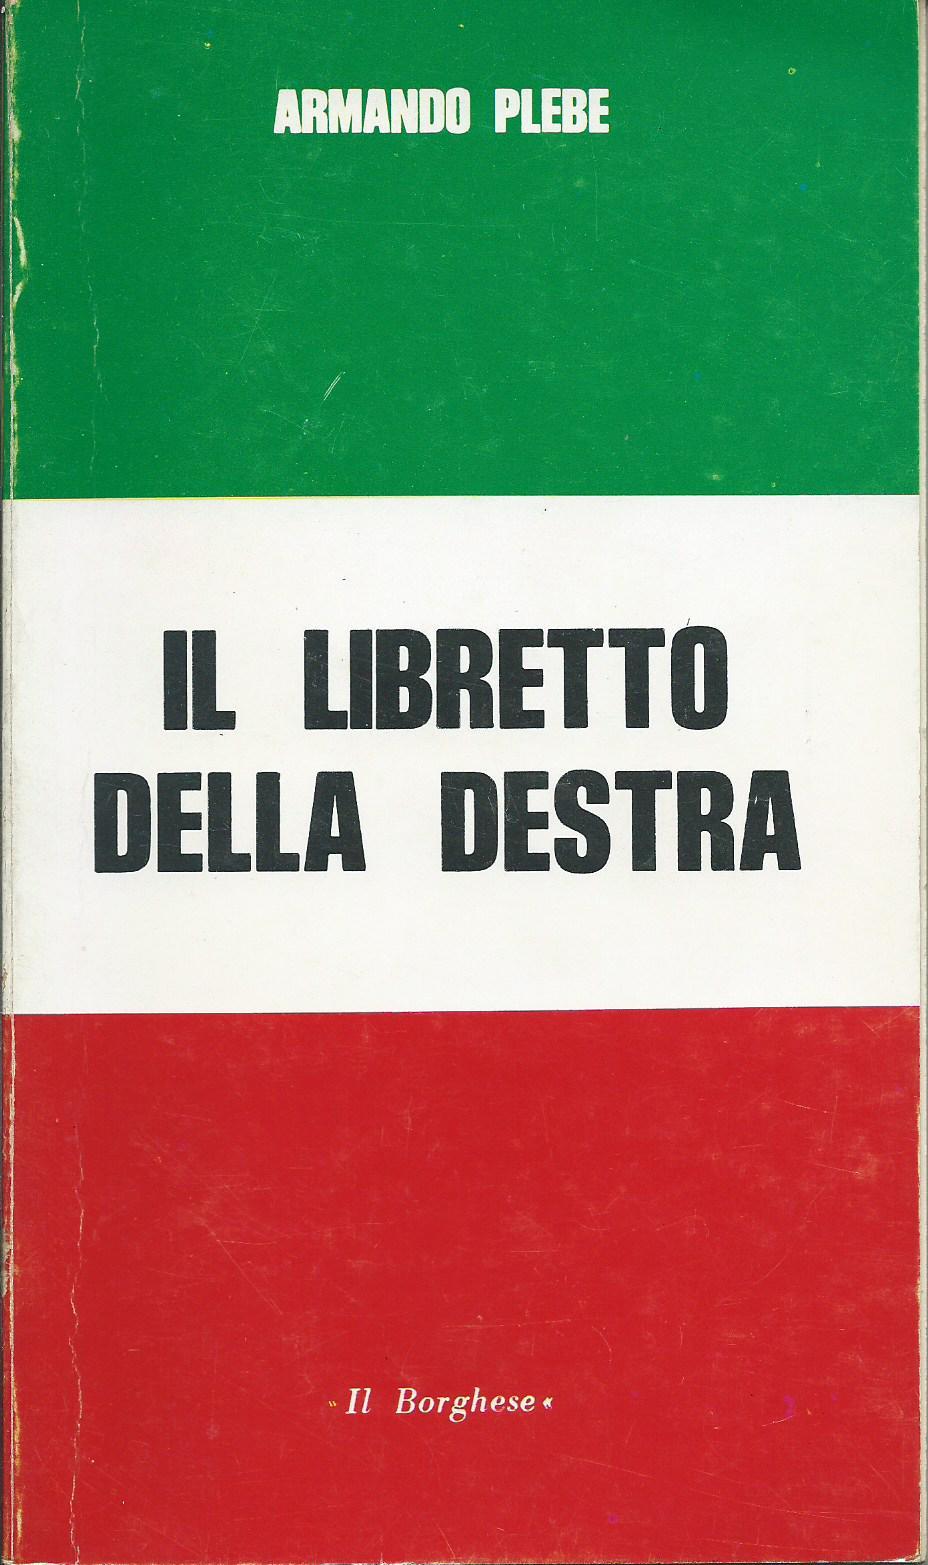 Il libretto della destra